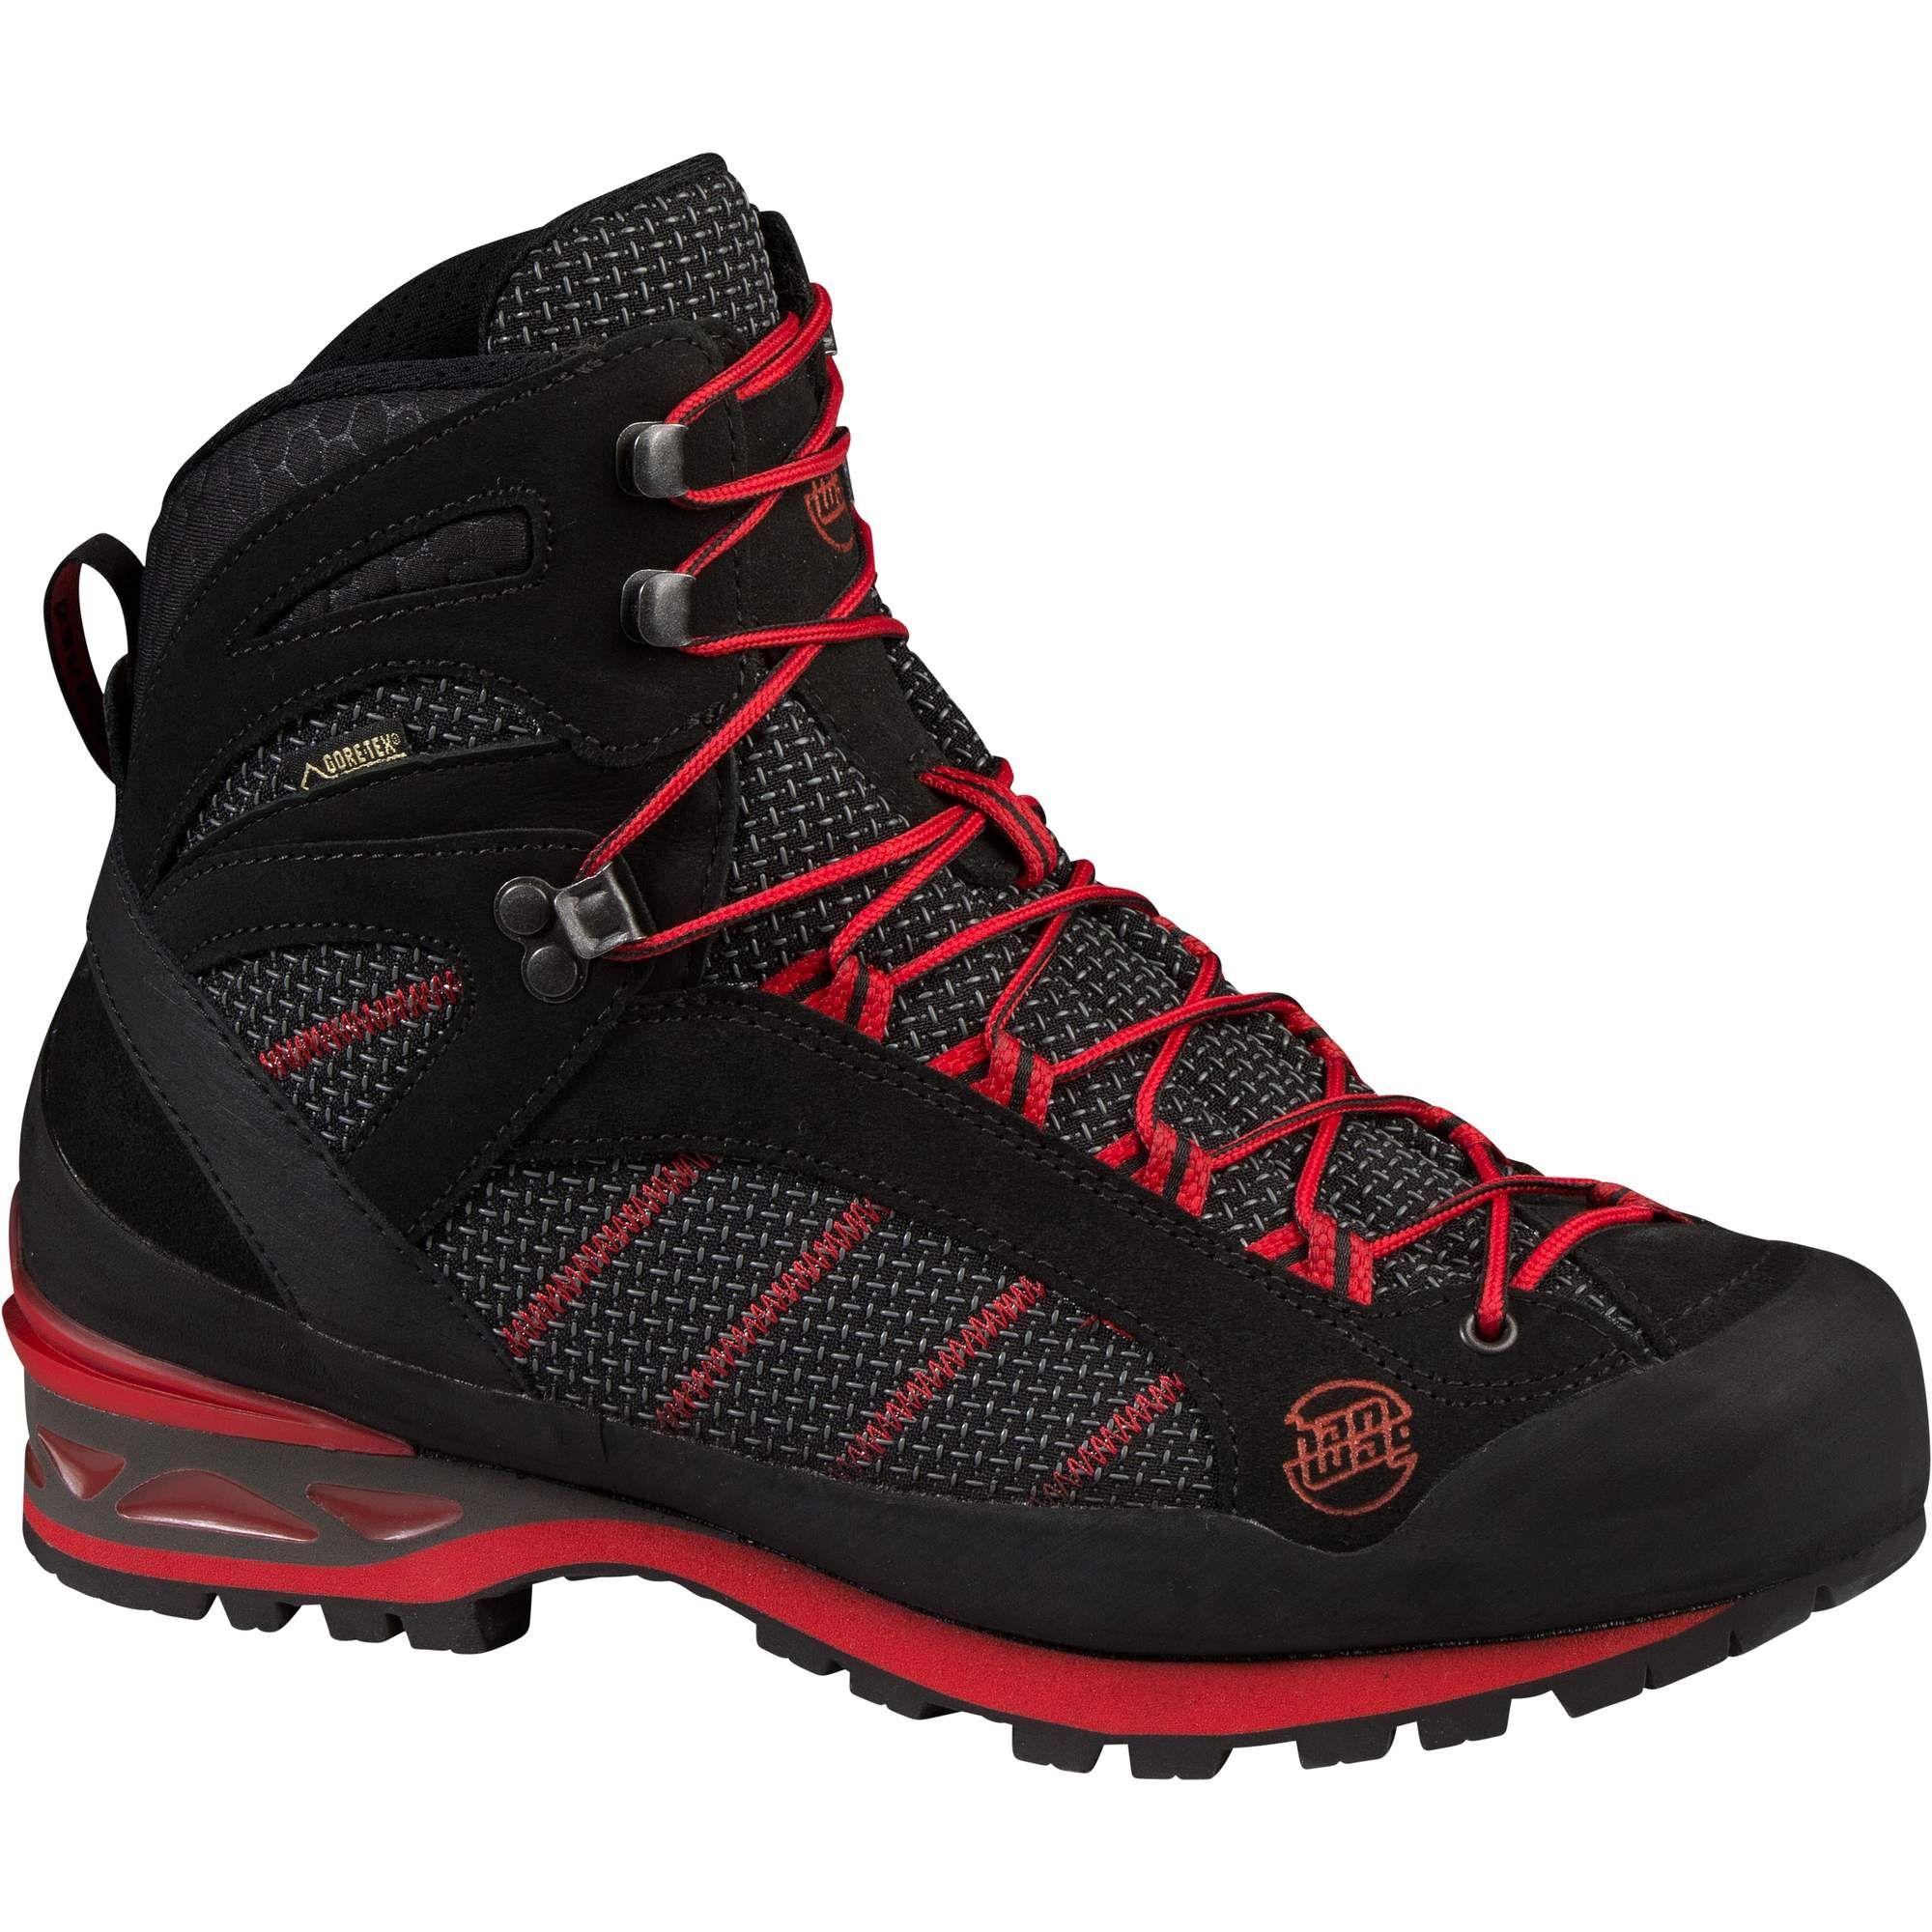 Kvist Advance GTX® W Hikingsko Dame 100% Autentisk ALFA